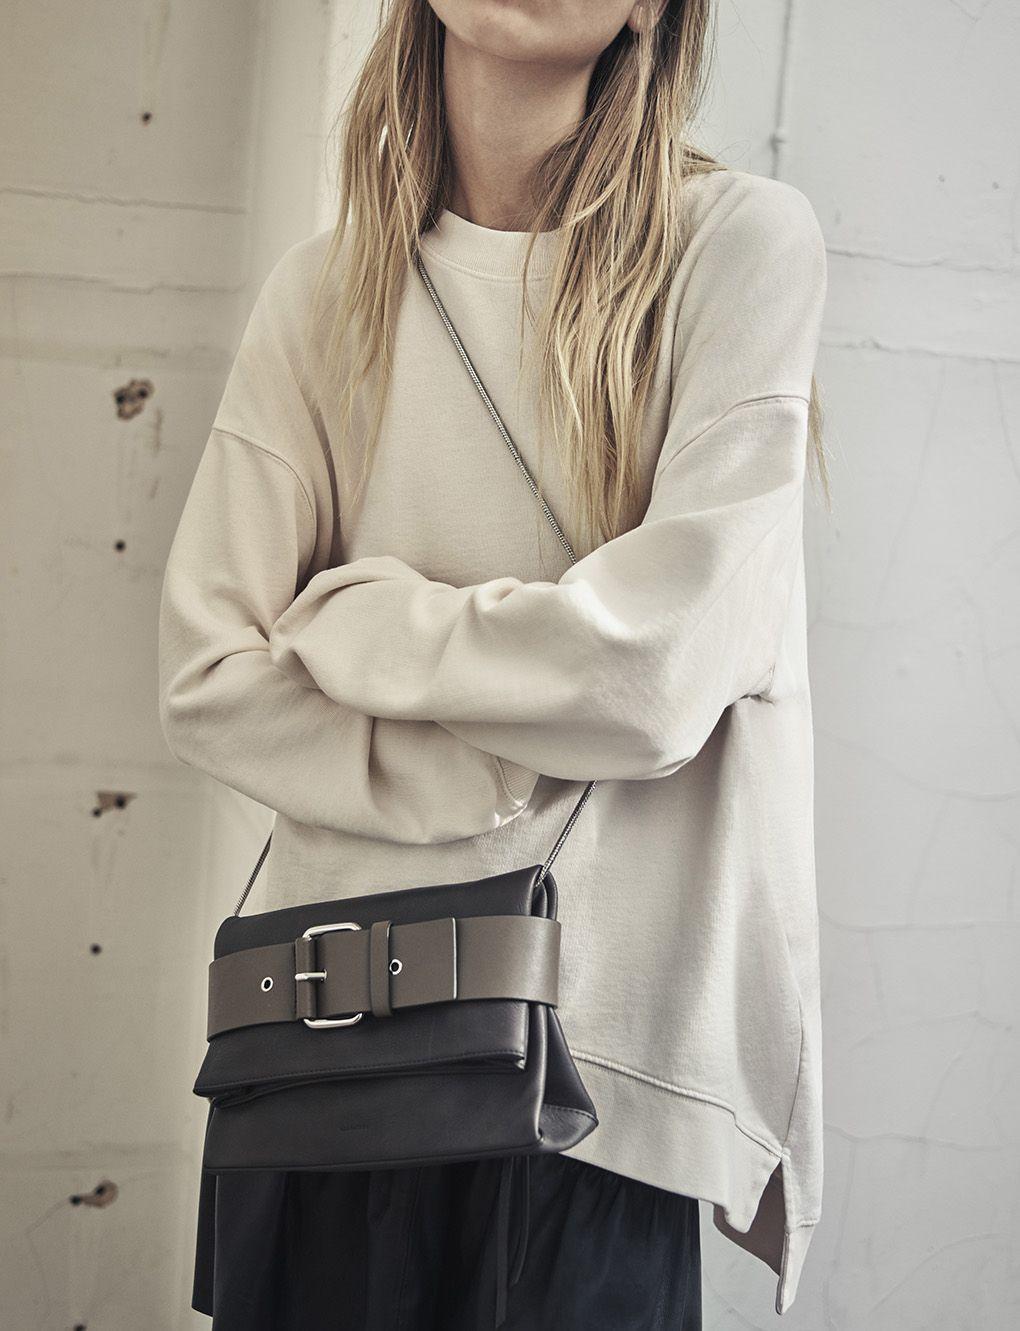 Ultimate laidback luxe, Lea Sweatshirt